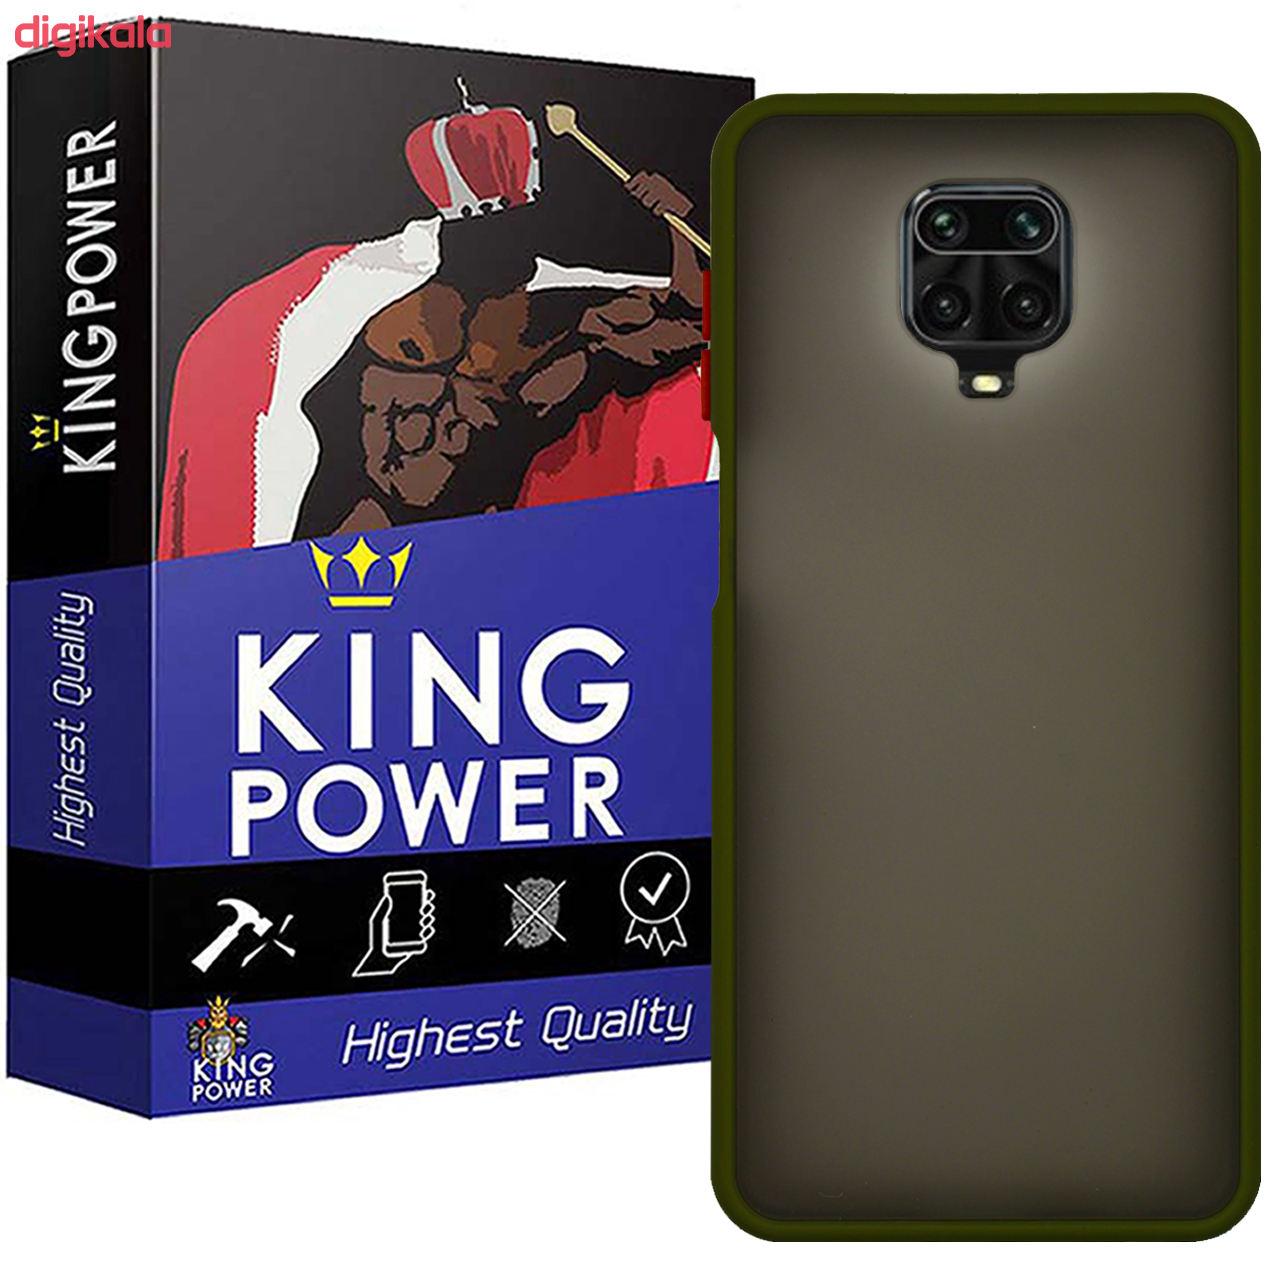 کاور کینگ پاور مدل M21 مناسب برای گوشی موبایل شیائومی Redmi Note 9S / Note 9 Pro / Note 9 Pro Max main 1 1